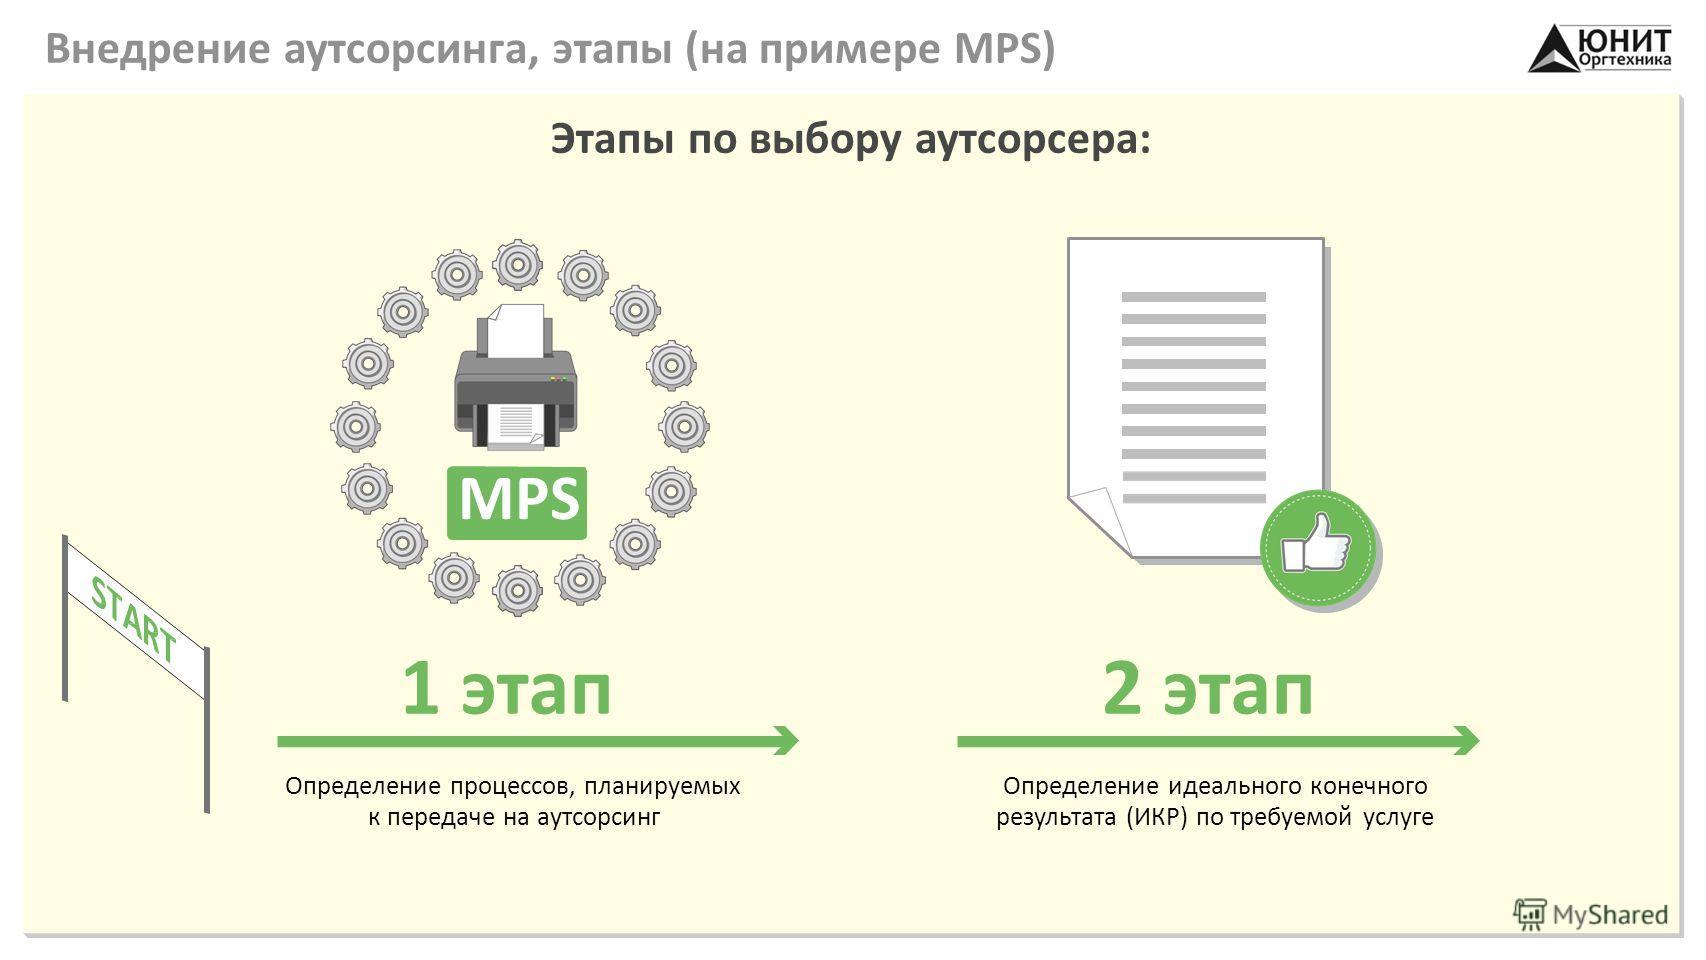 Этапы по выбору аутсорсера: Определение процессов, планируемых к передаче на аутсорсинг MPS 1 этап Определение идеального конечного результата (ИКР) по требуемой услуге 2 этап